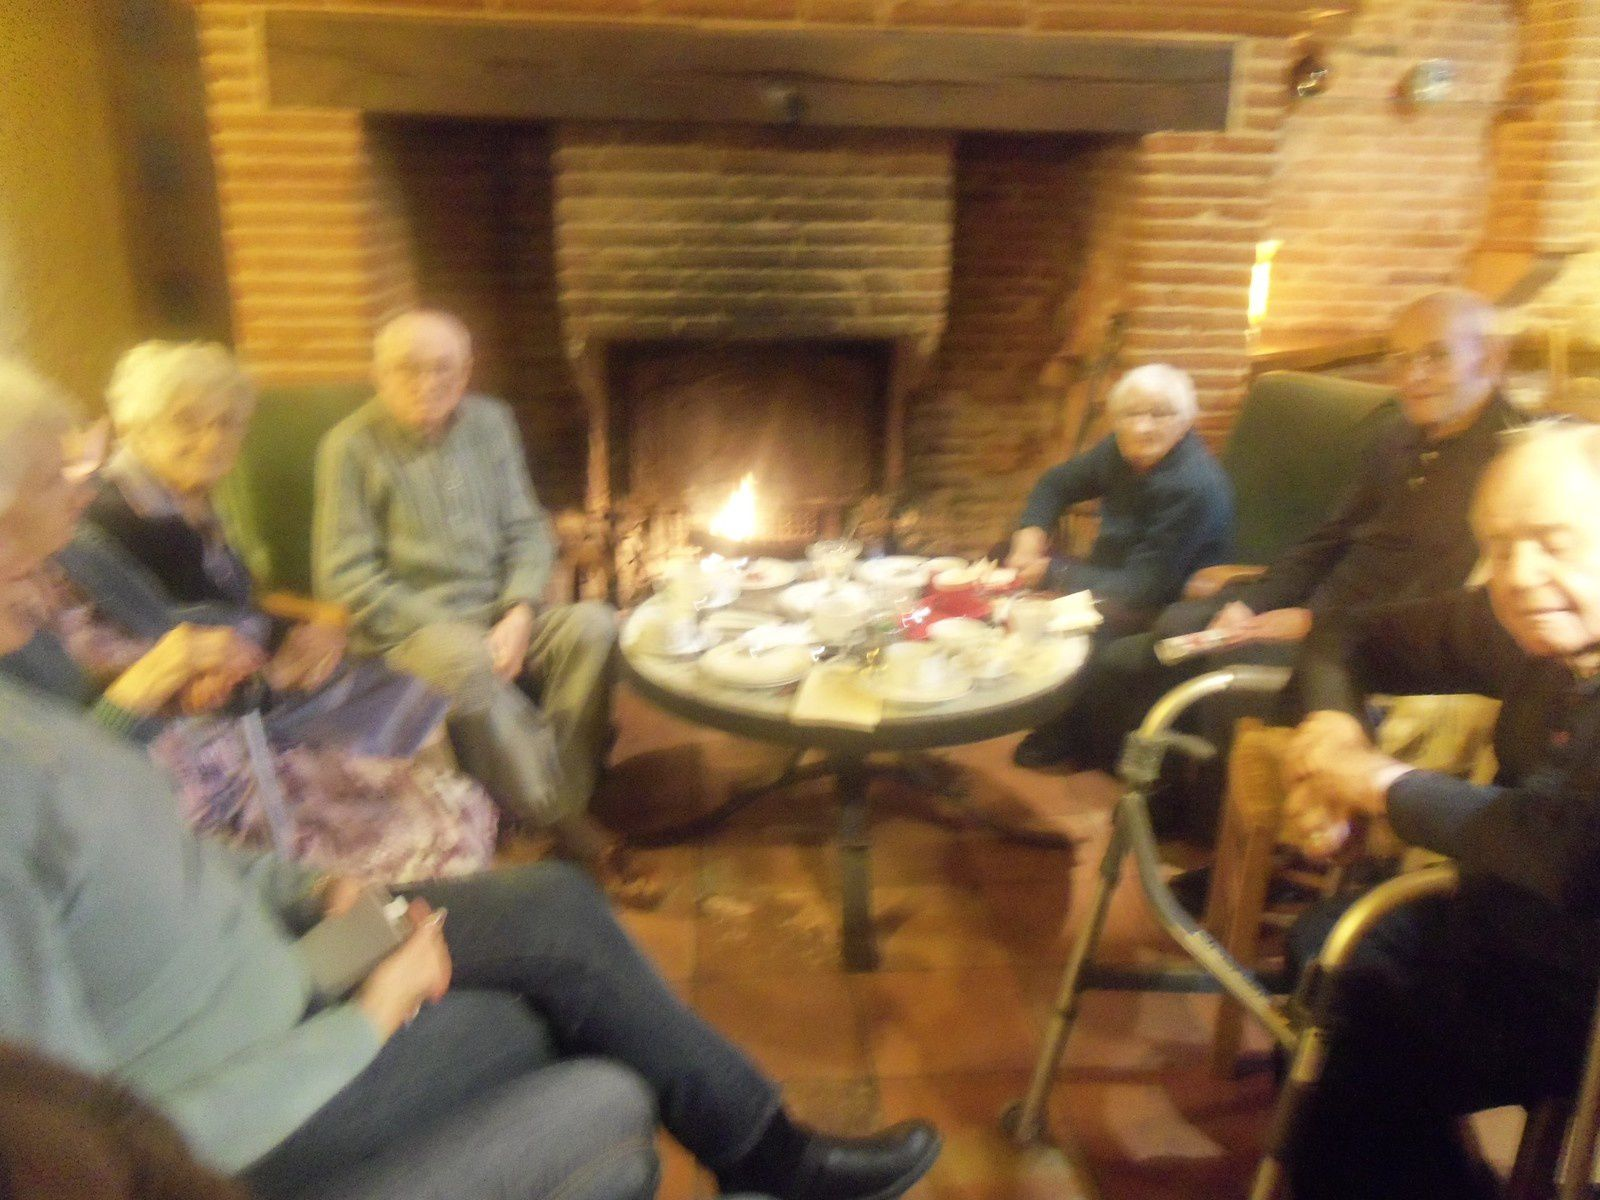 Sortie au salon de thé : le ratelier